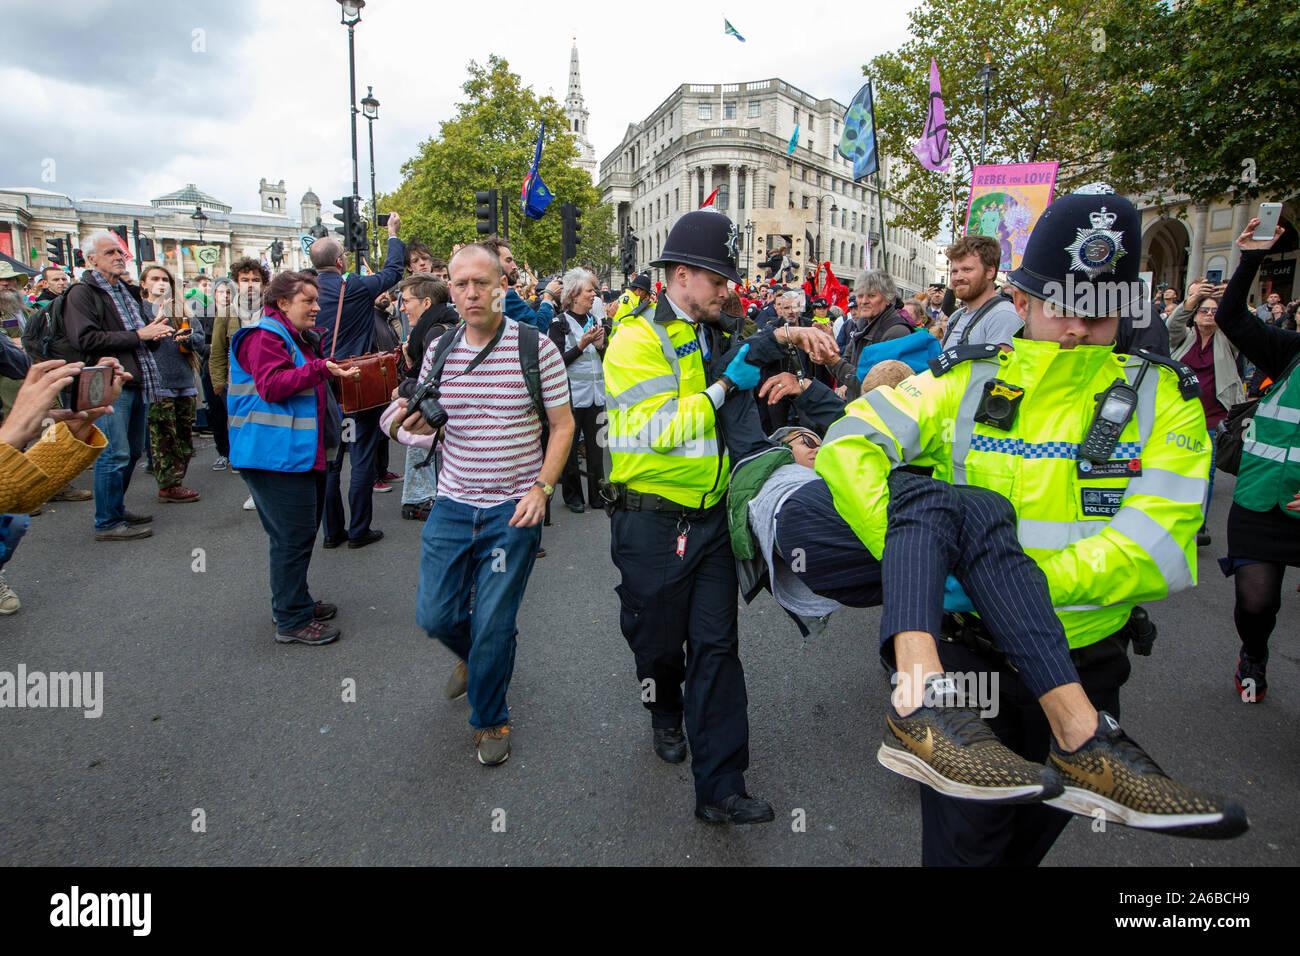 London, England, 24. Juli 2021. Demonstranten versammeln